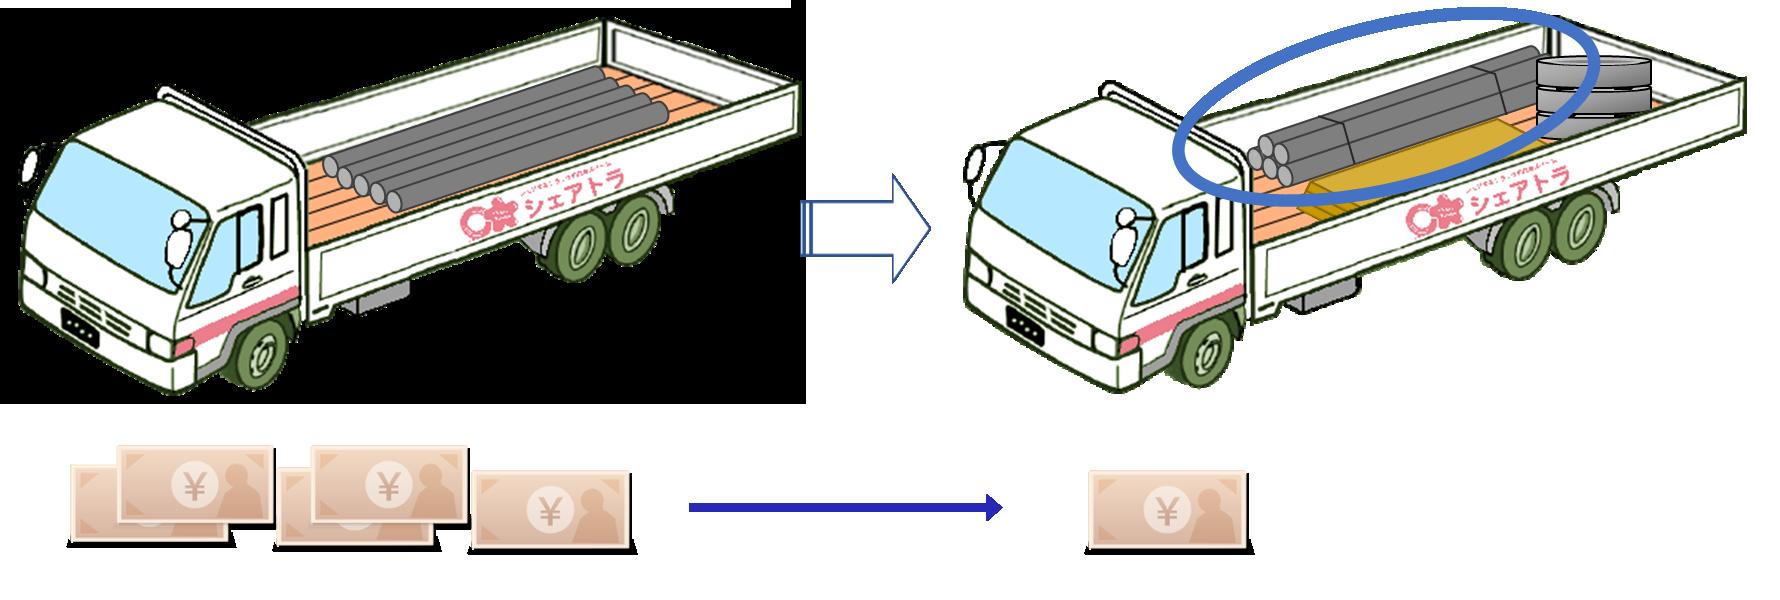 混載便トラック比較